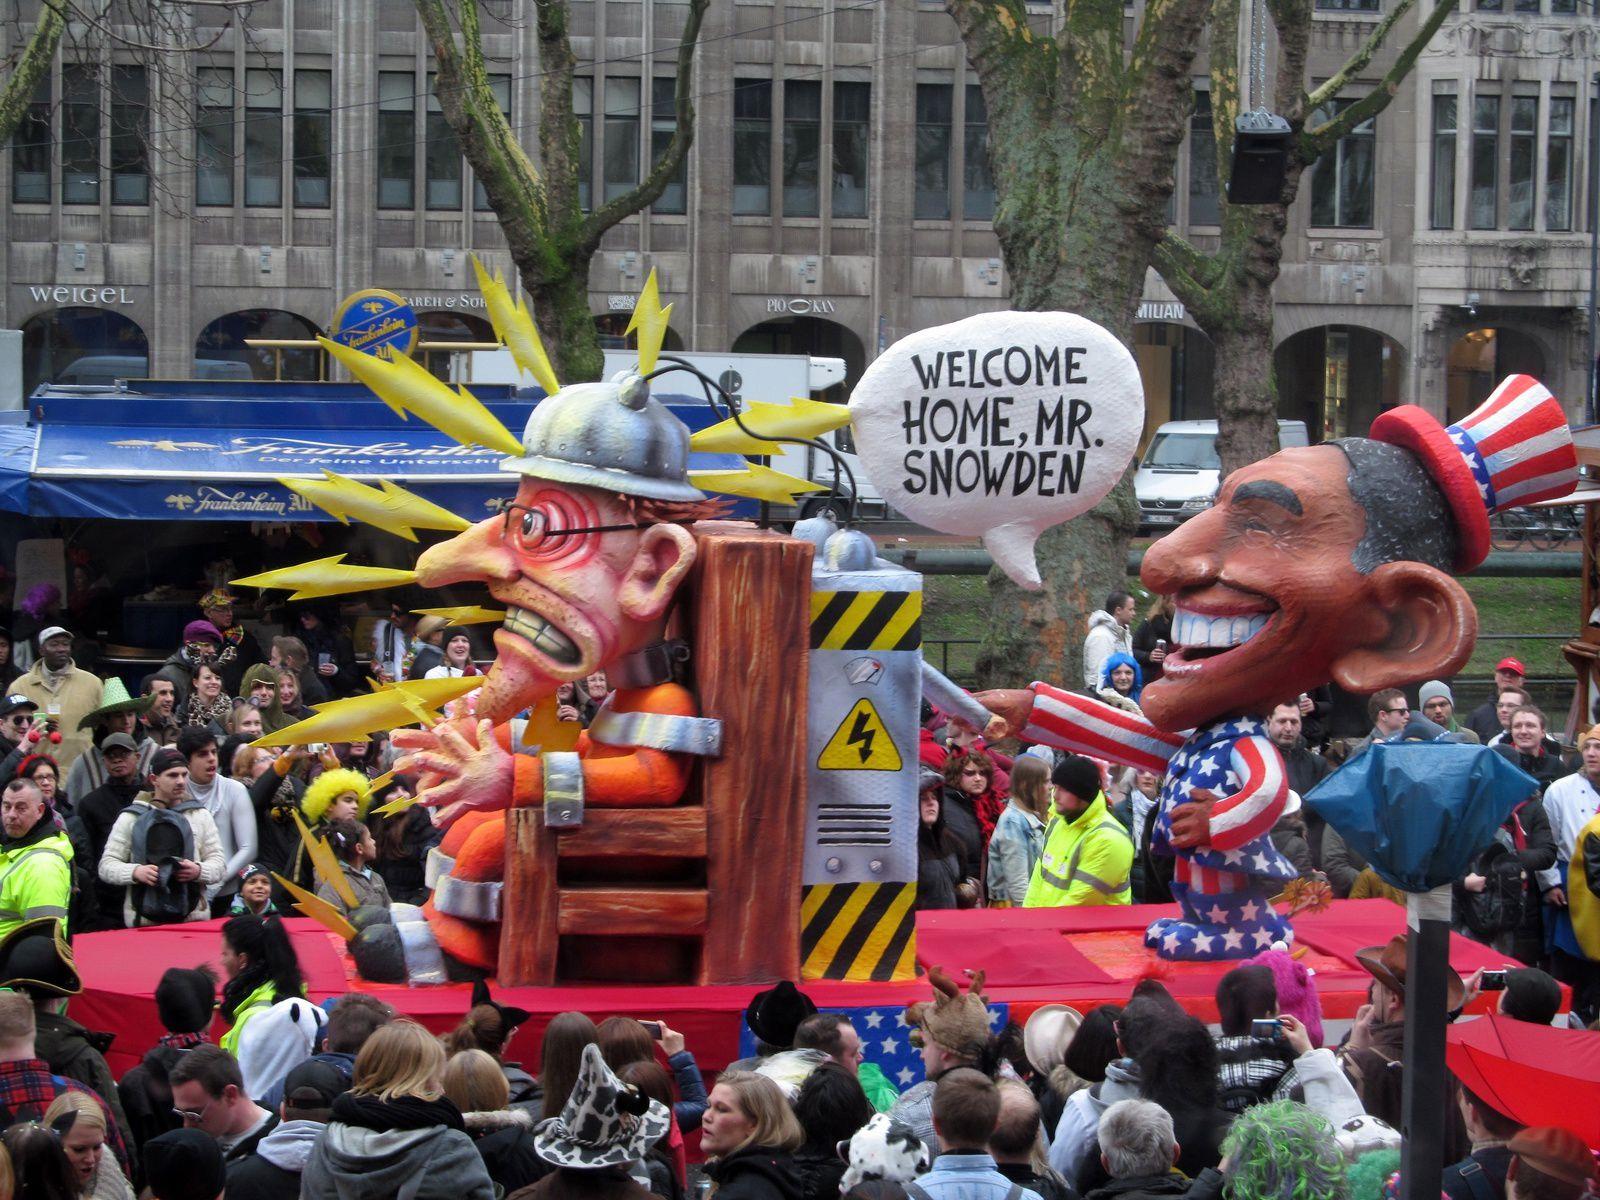 Les chars du carnaval de Düsseldorf